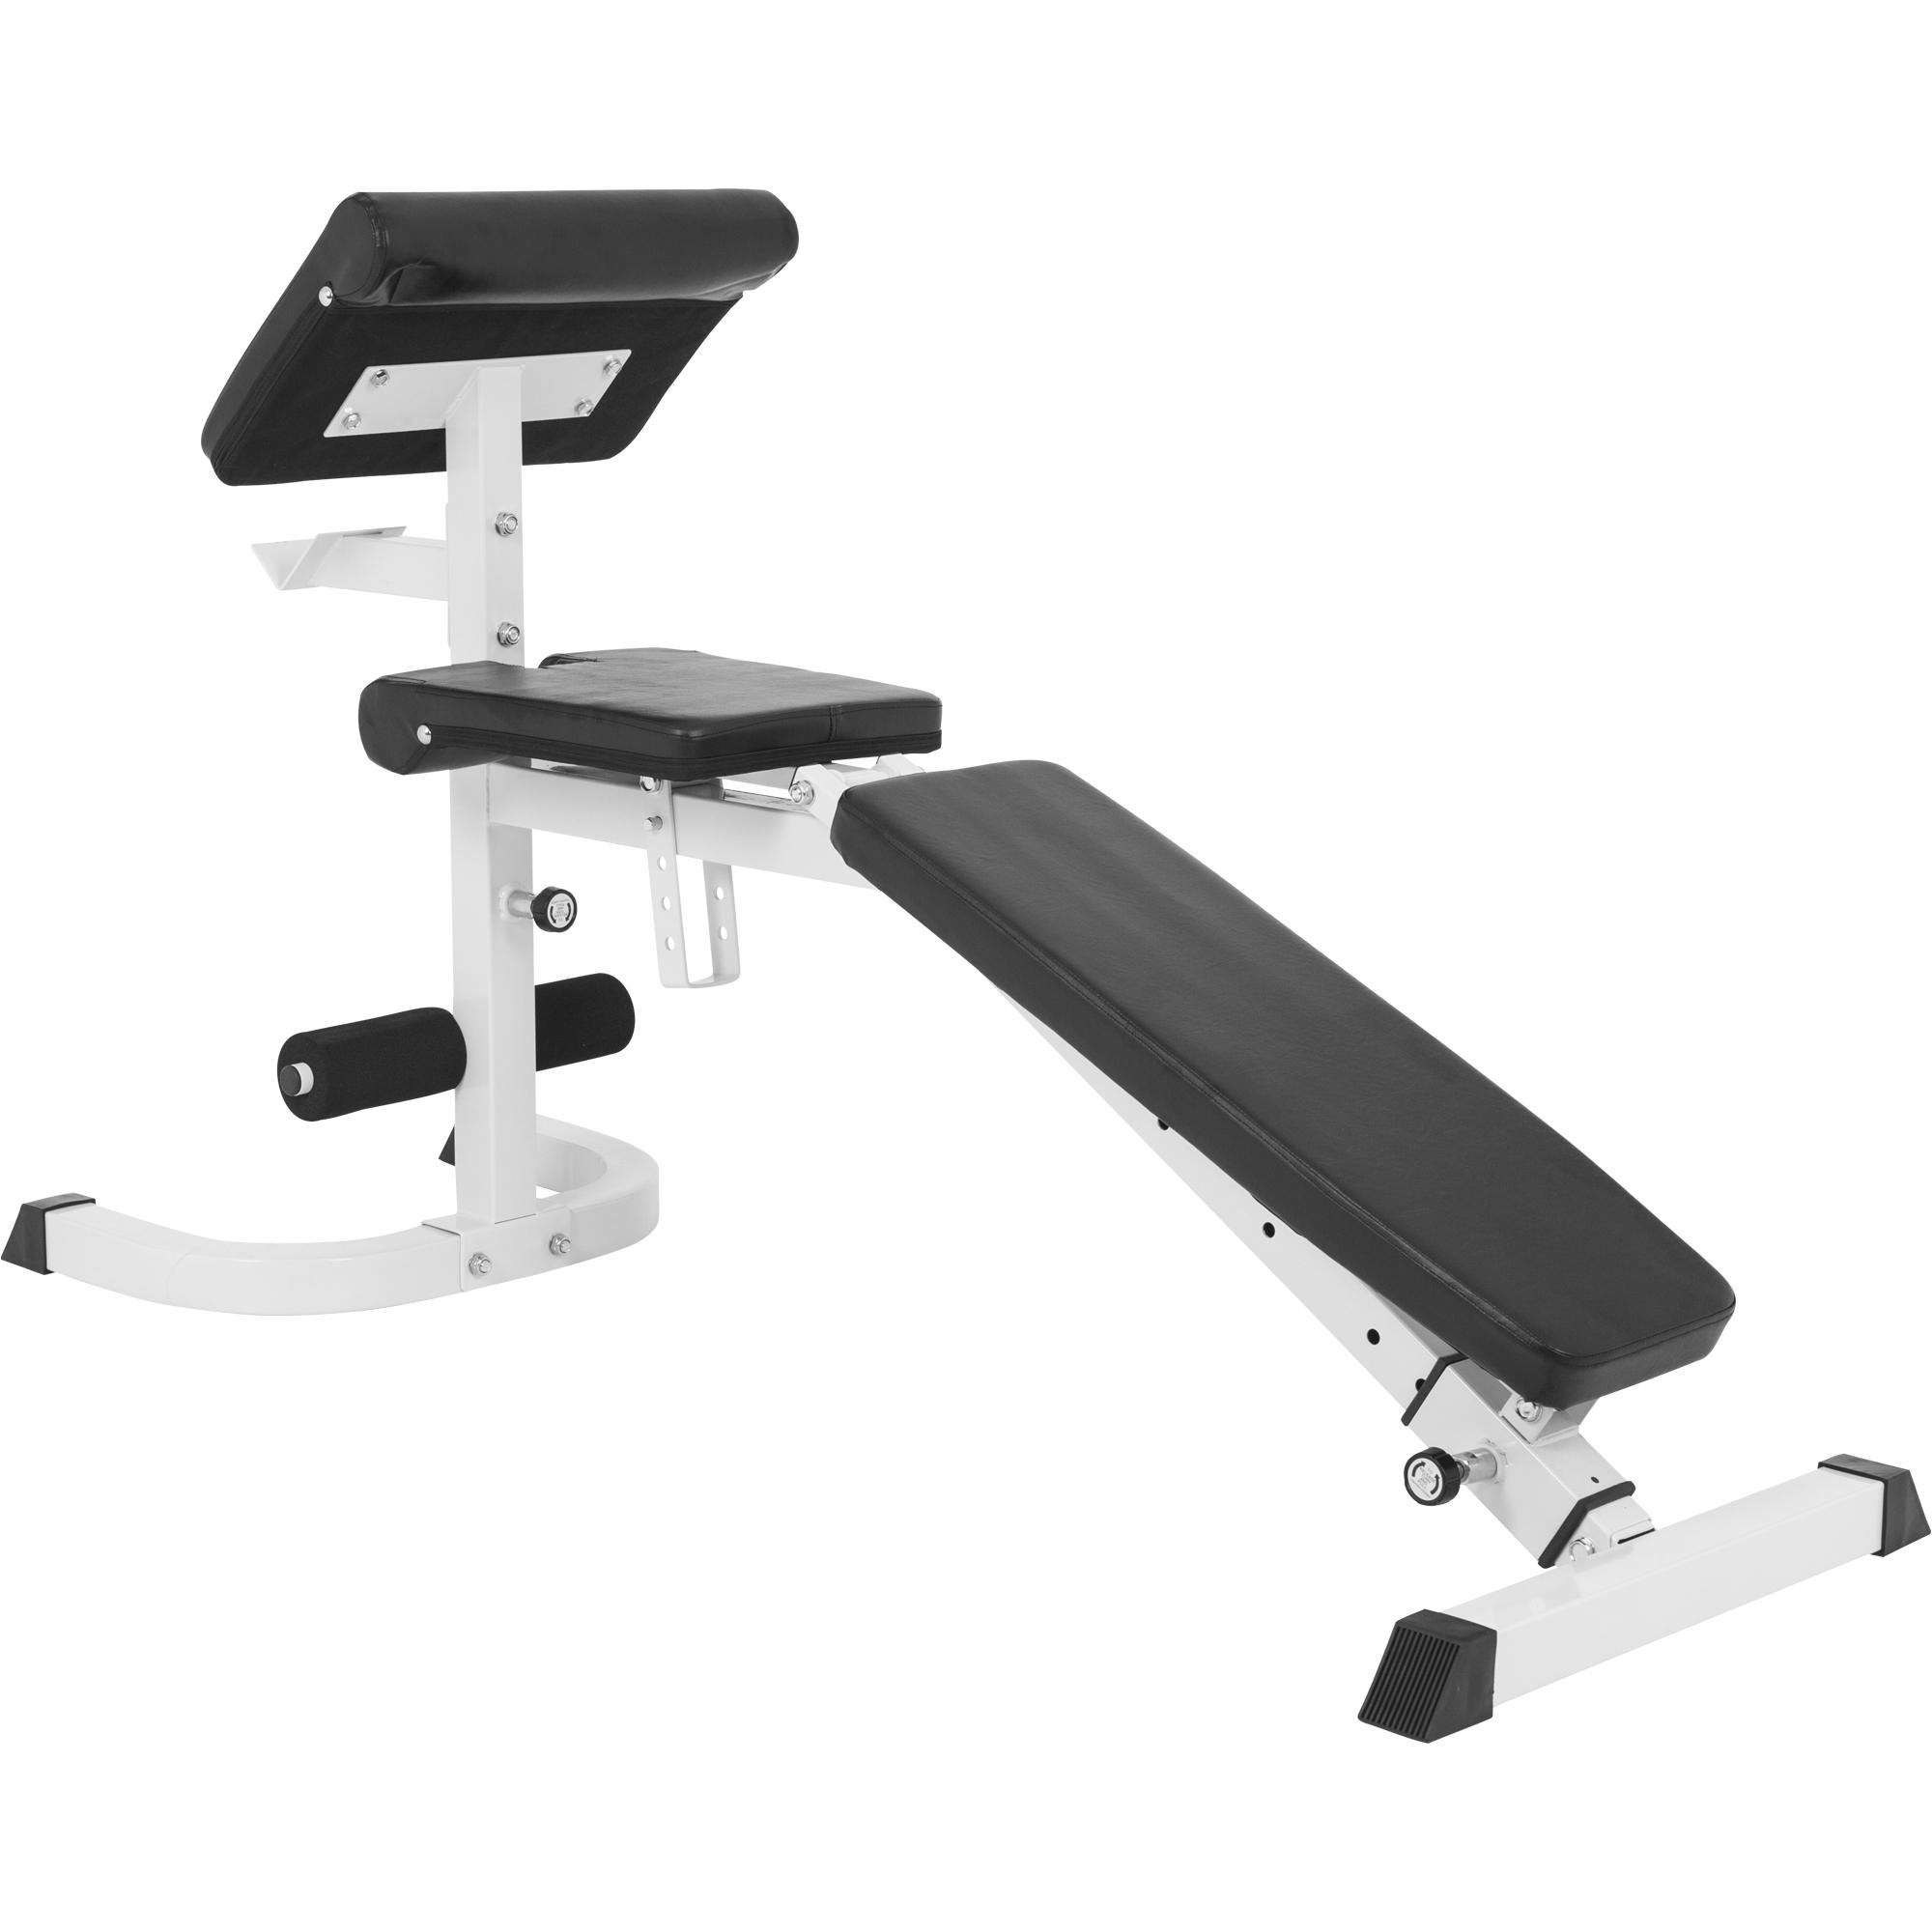 Banc de musculation r glable inclin d clin avec pupitre biceps 10000770 - Banc musculation professionnel ...